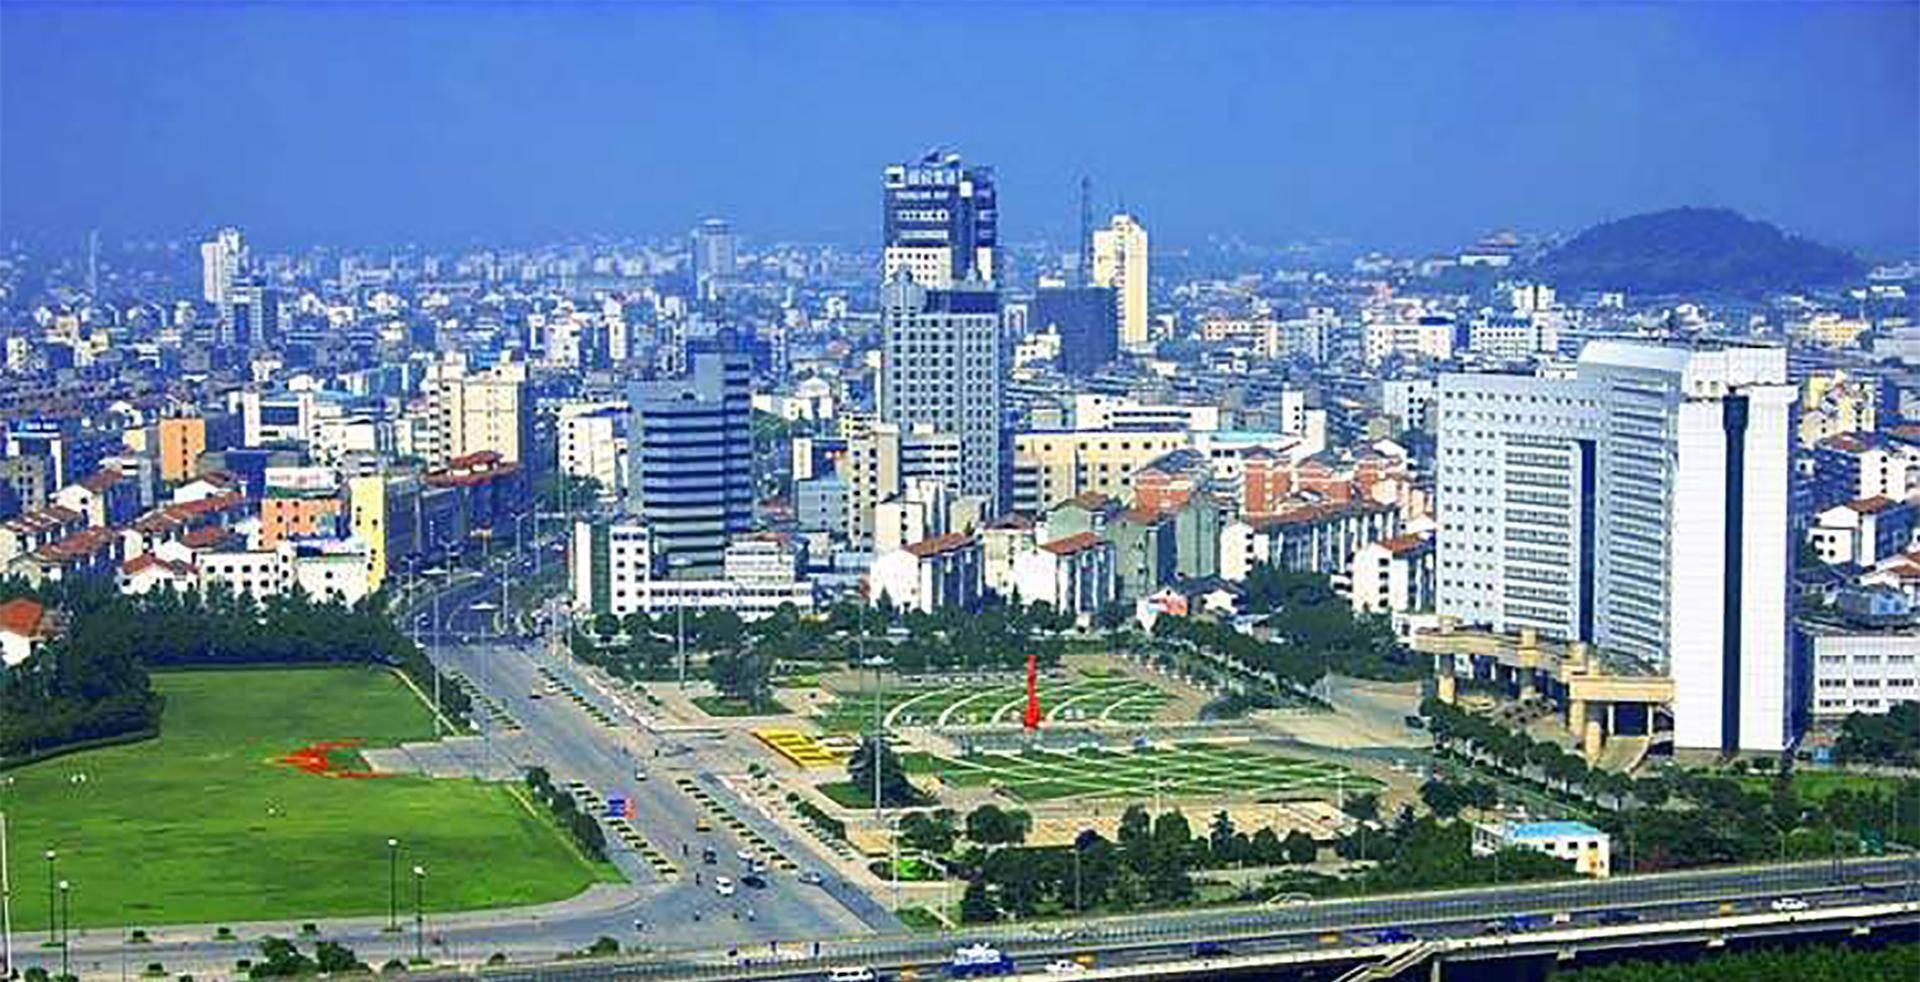 江苏昆山gdp_206亿!蒙古国一季度GDP出炉,不及中国昆山县的四分之一